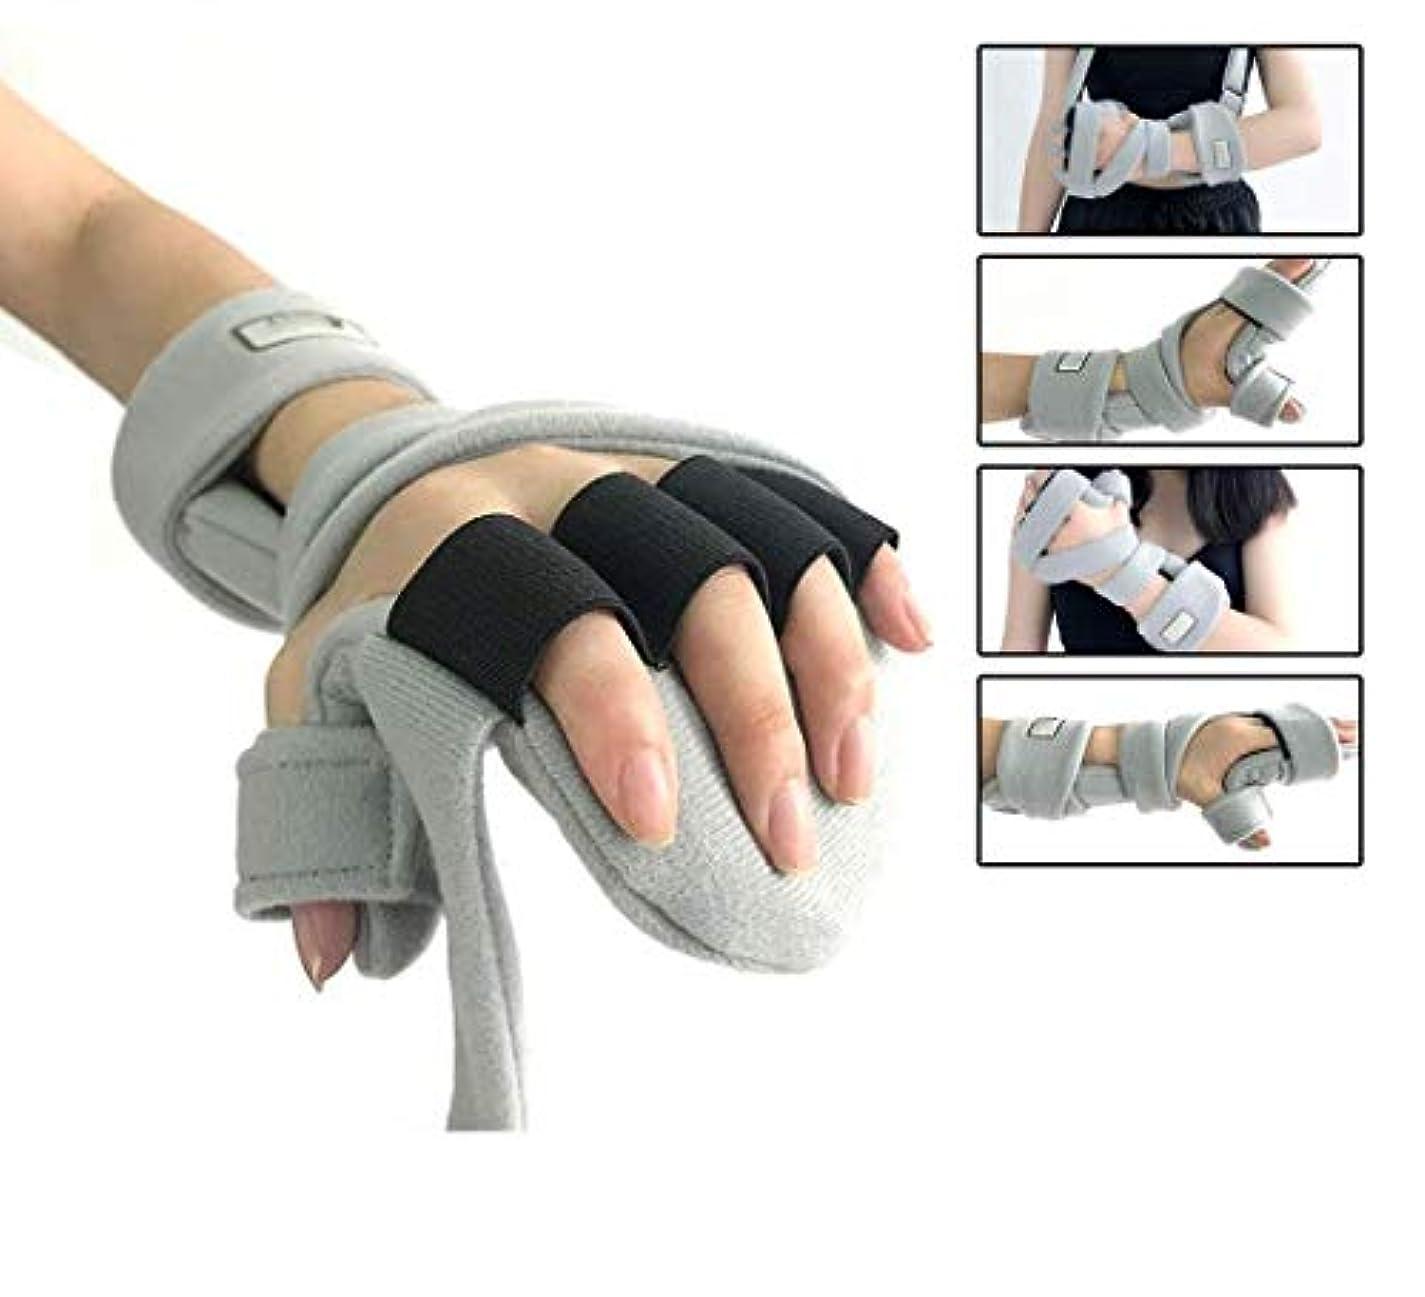 撤回するパドル退却手首サポート副木サポート、痛み腱炎のための指手首骨折固定足場骨折関節炎脱臼捻rain,Lefthand